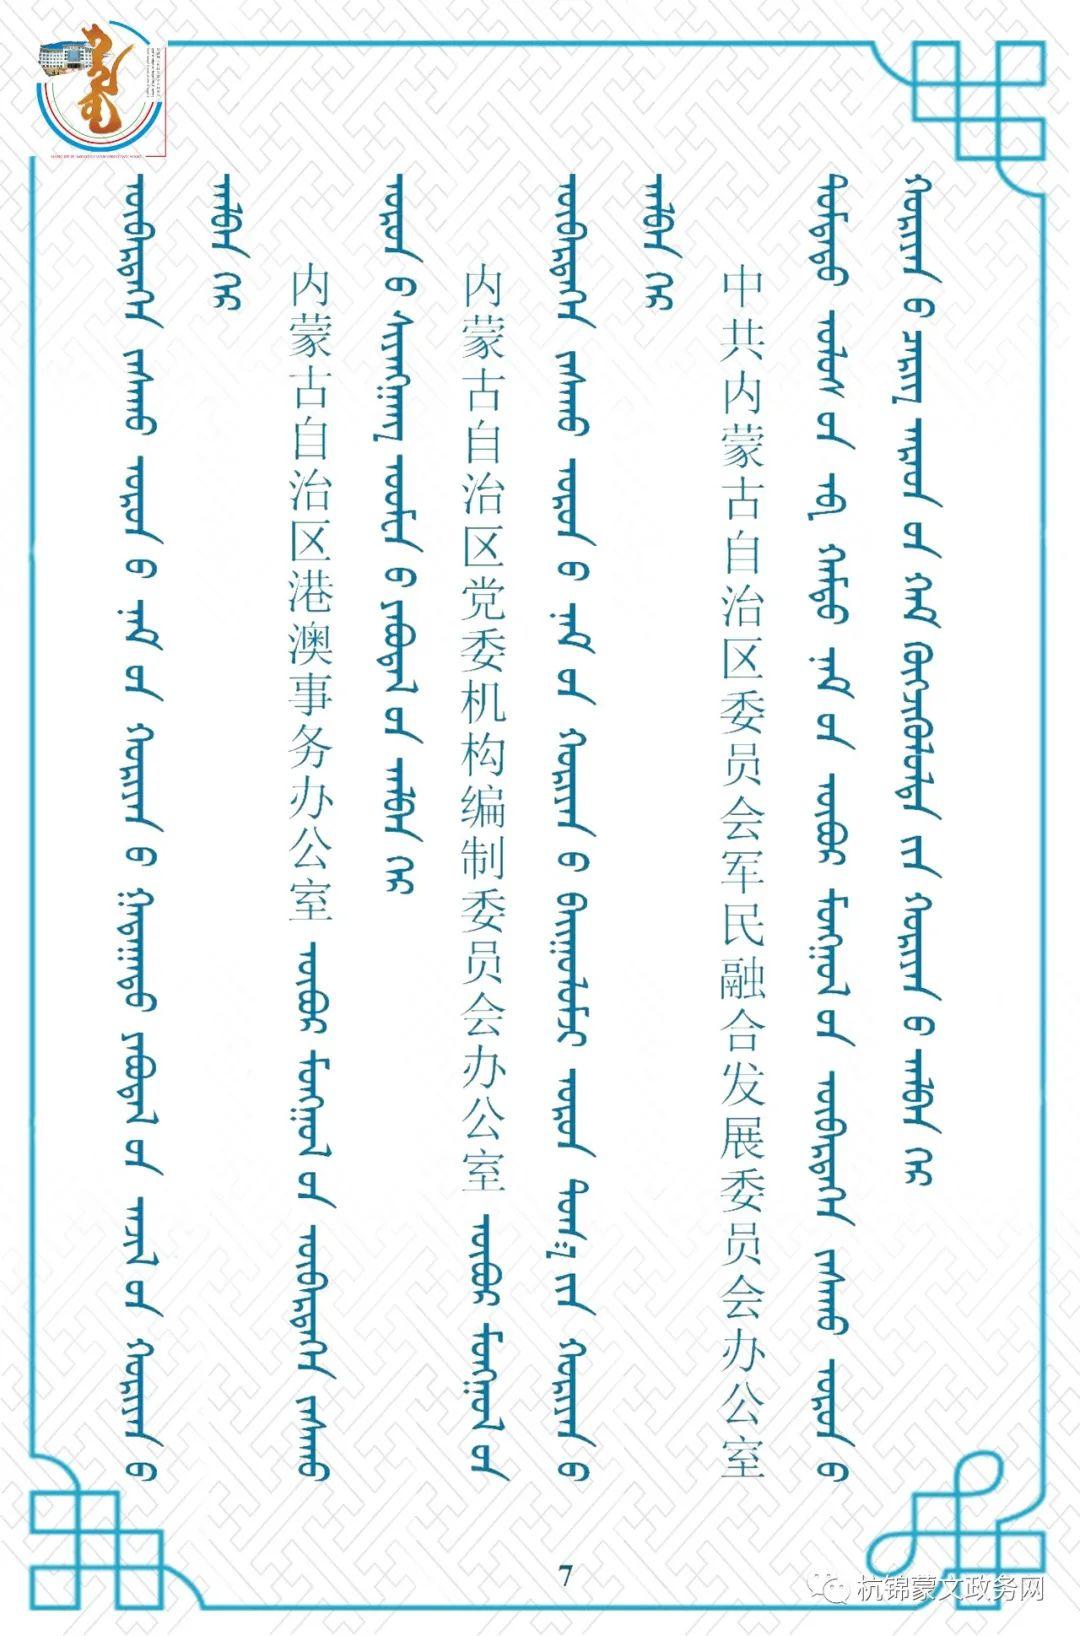 内蒙古自治区委员会机构设置蒙汉对照 第7张 内蒙古自治区委员会机构设置蒙汉对照 蒙古文库